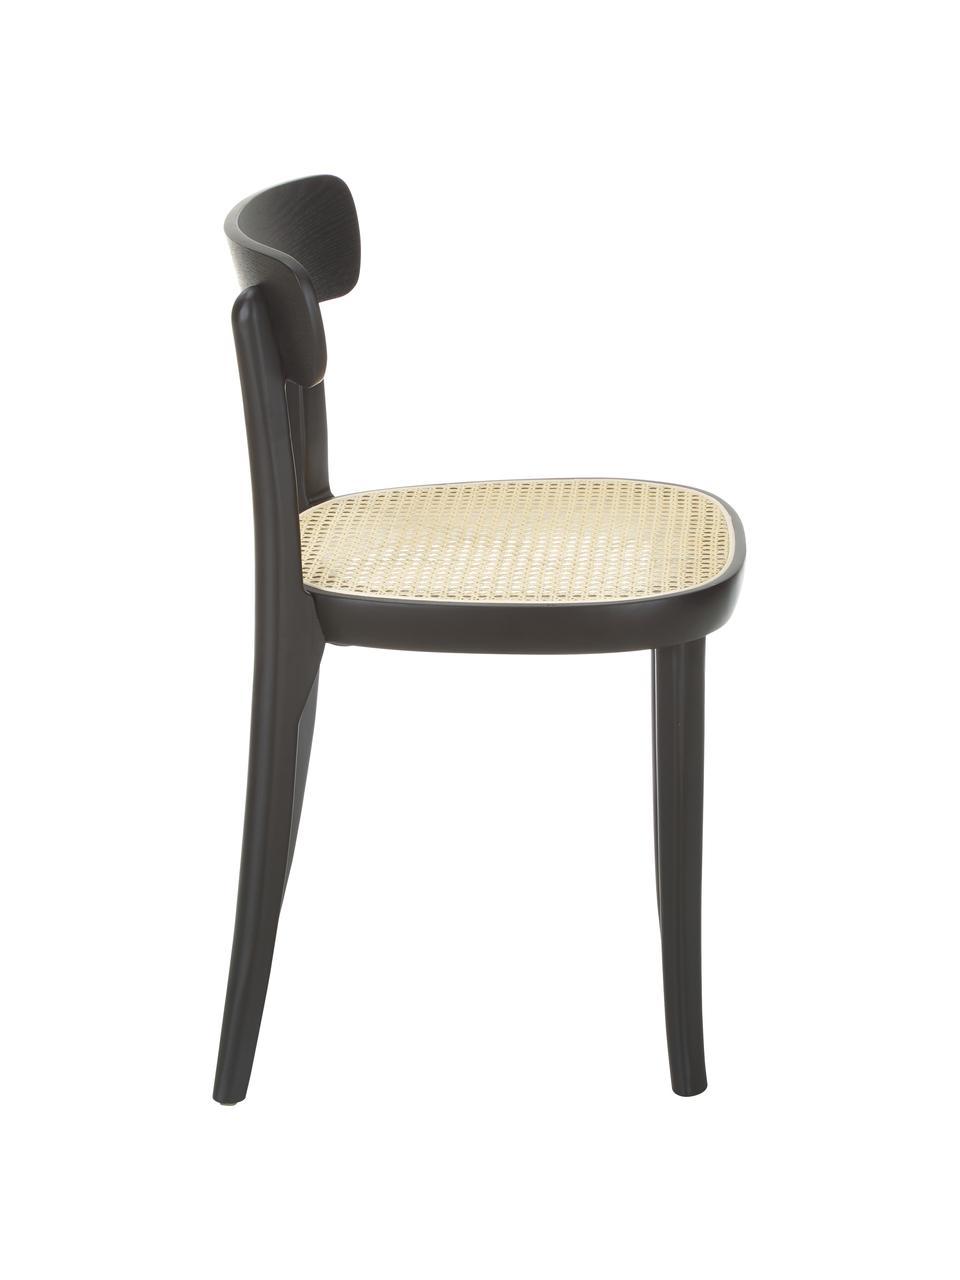 Sedia in legno con intreccio viennese Richie 2 pz, Seduta: rattan, Struttura: legno di frassino massicc, Nero, Larg. 45 x Alt. 75 cm